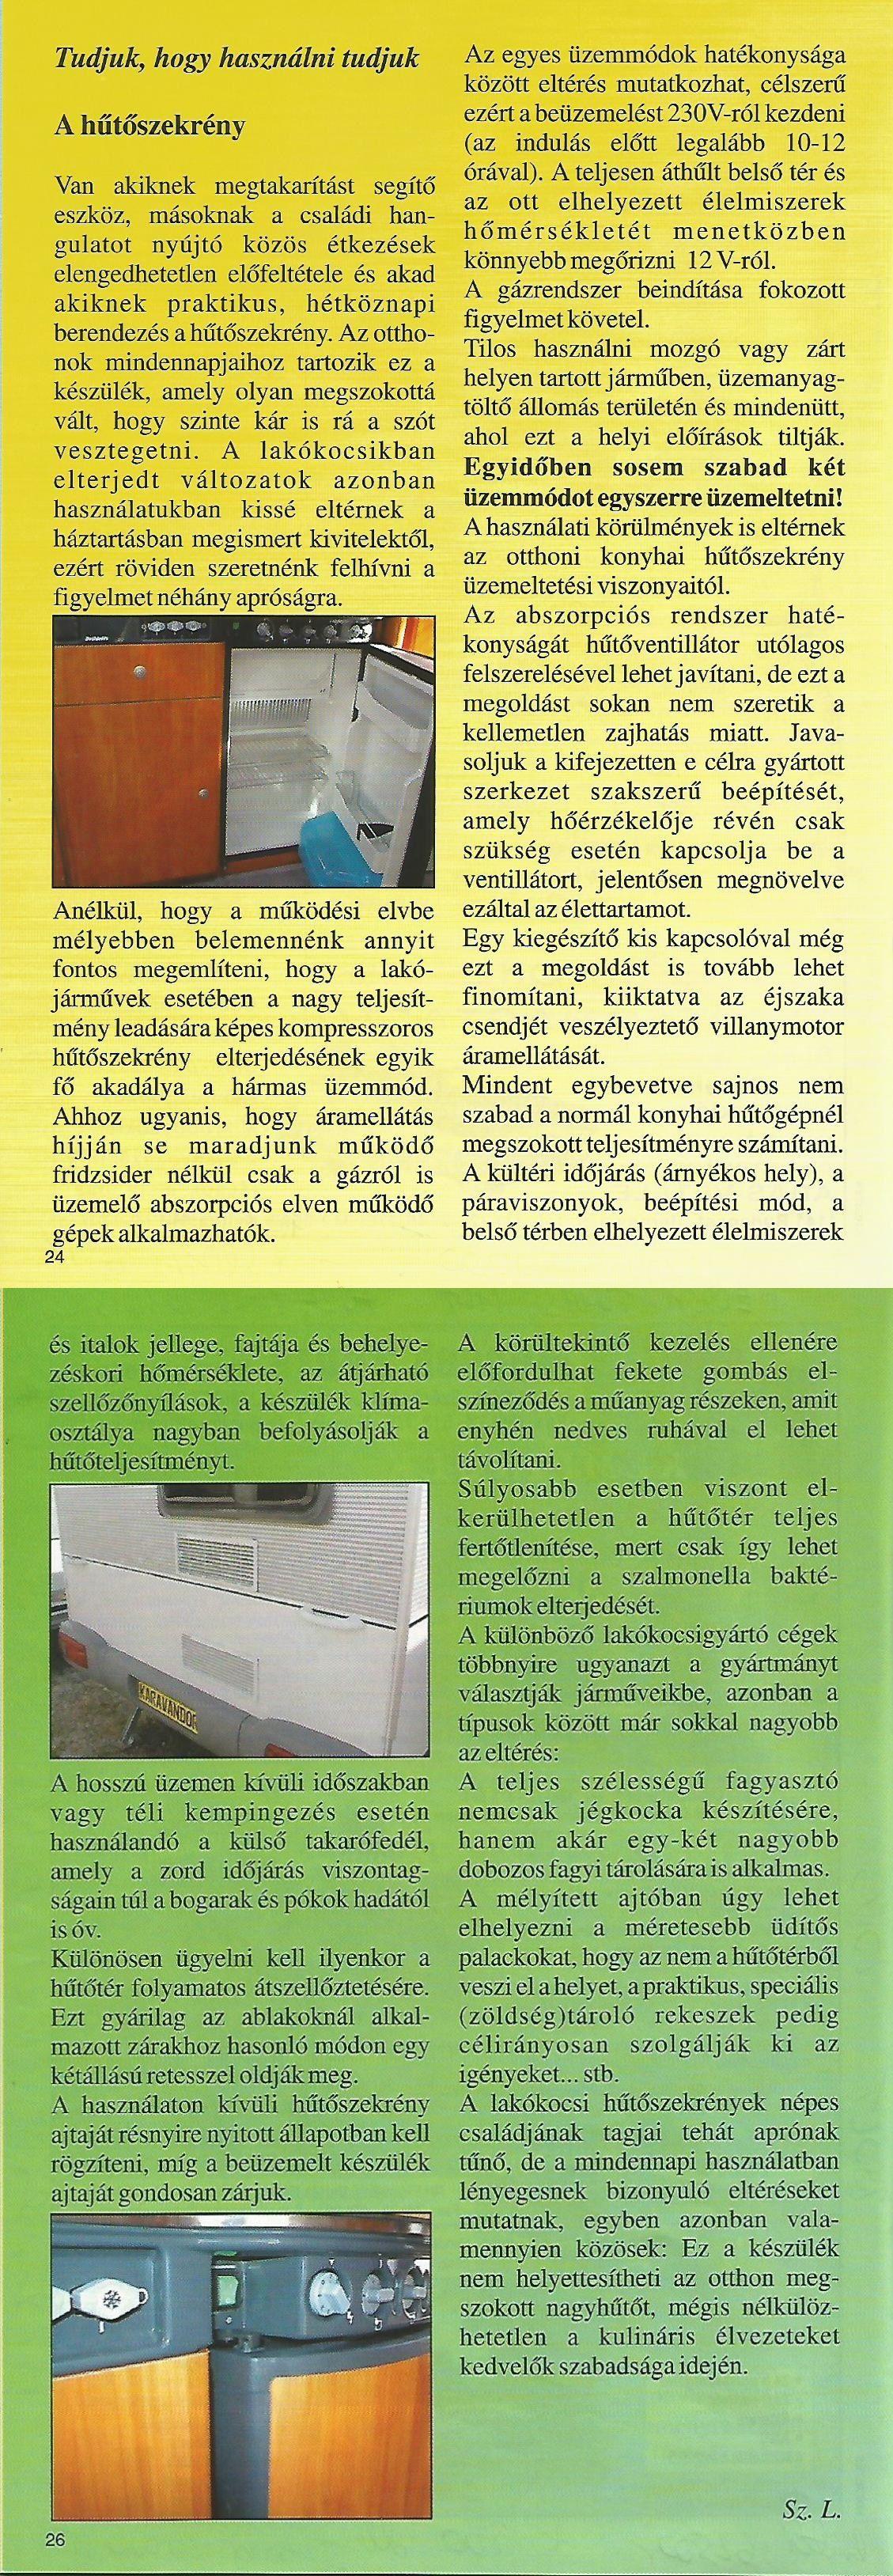 Karavándor magazin 2001. Nyár, Tudjuk, hogy használni tudjuk - A lakókocsi hűtőszekrénye